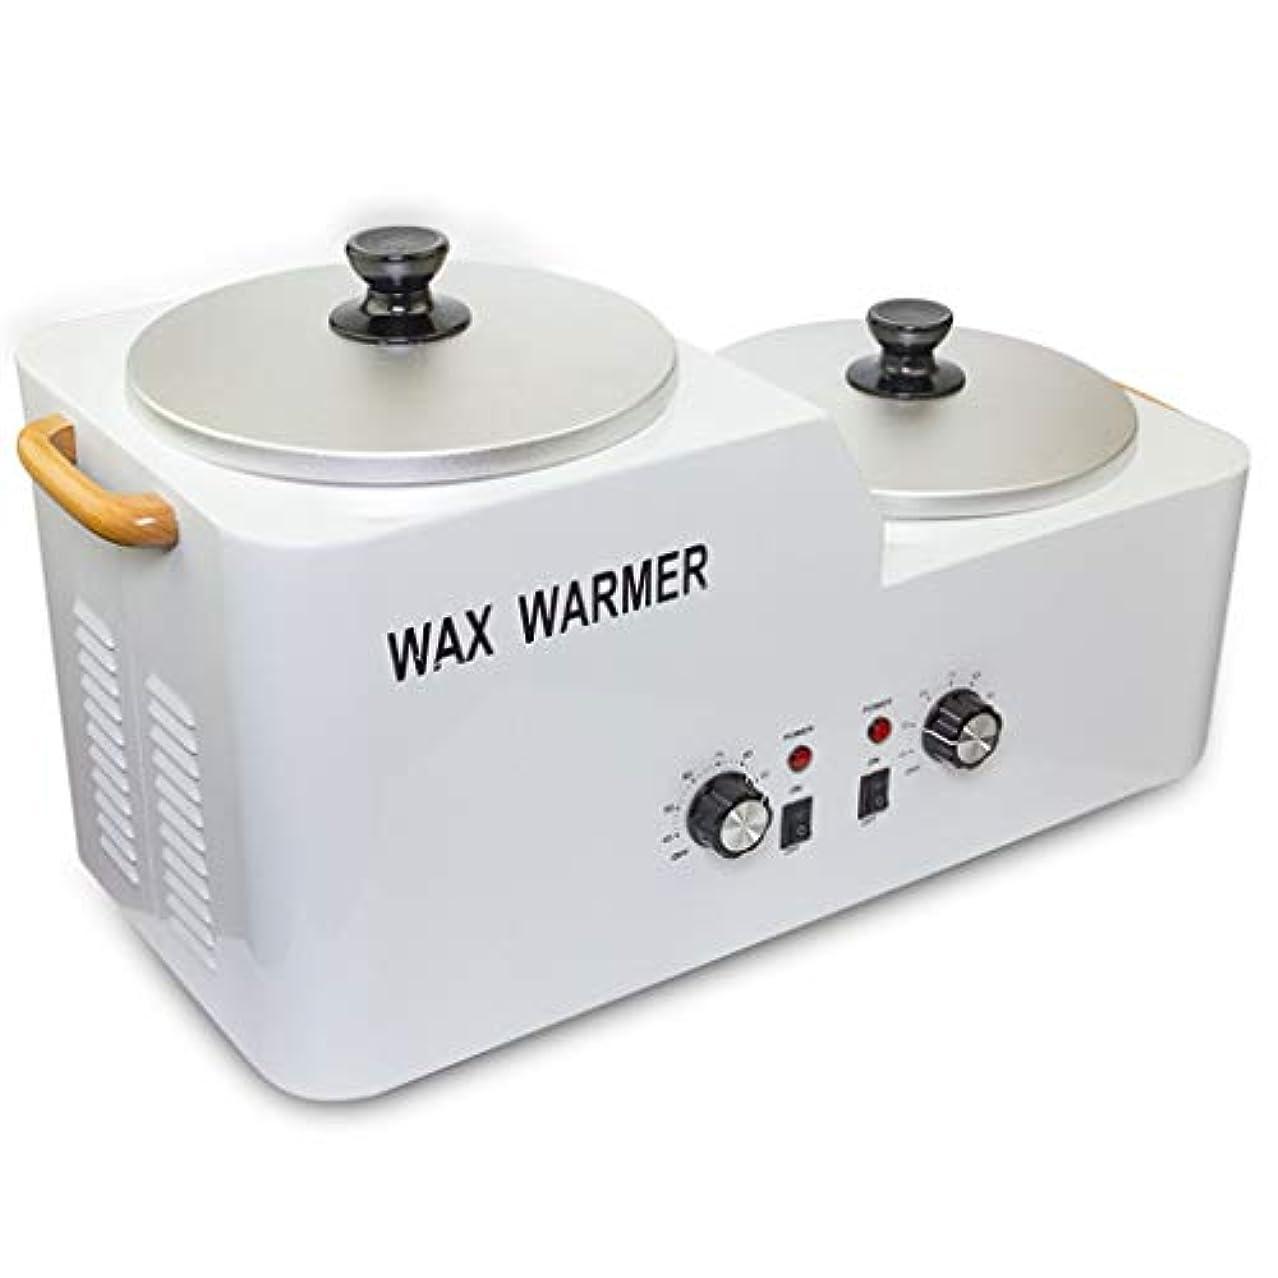 虫を数える届ける舞い上がる脱毛ワックスヒーター、美容暖房機美容ワックスヒーターホットワックスマシンダブル炉高低ヒーターポット